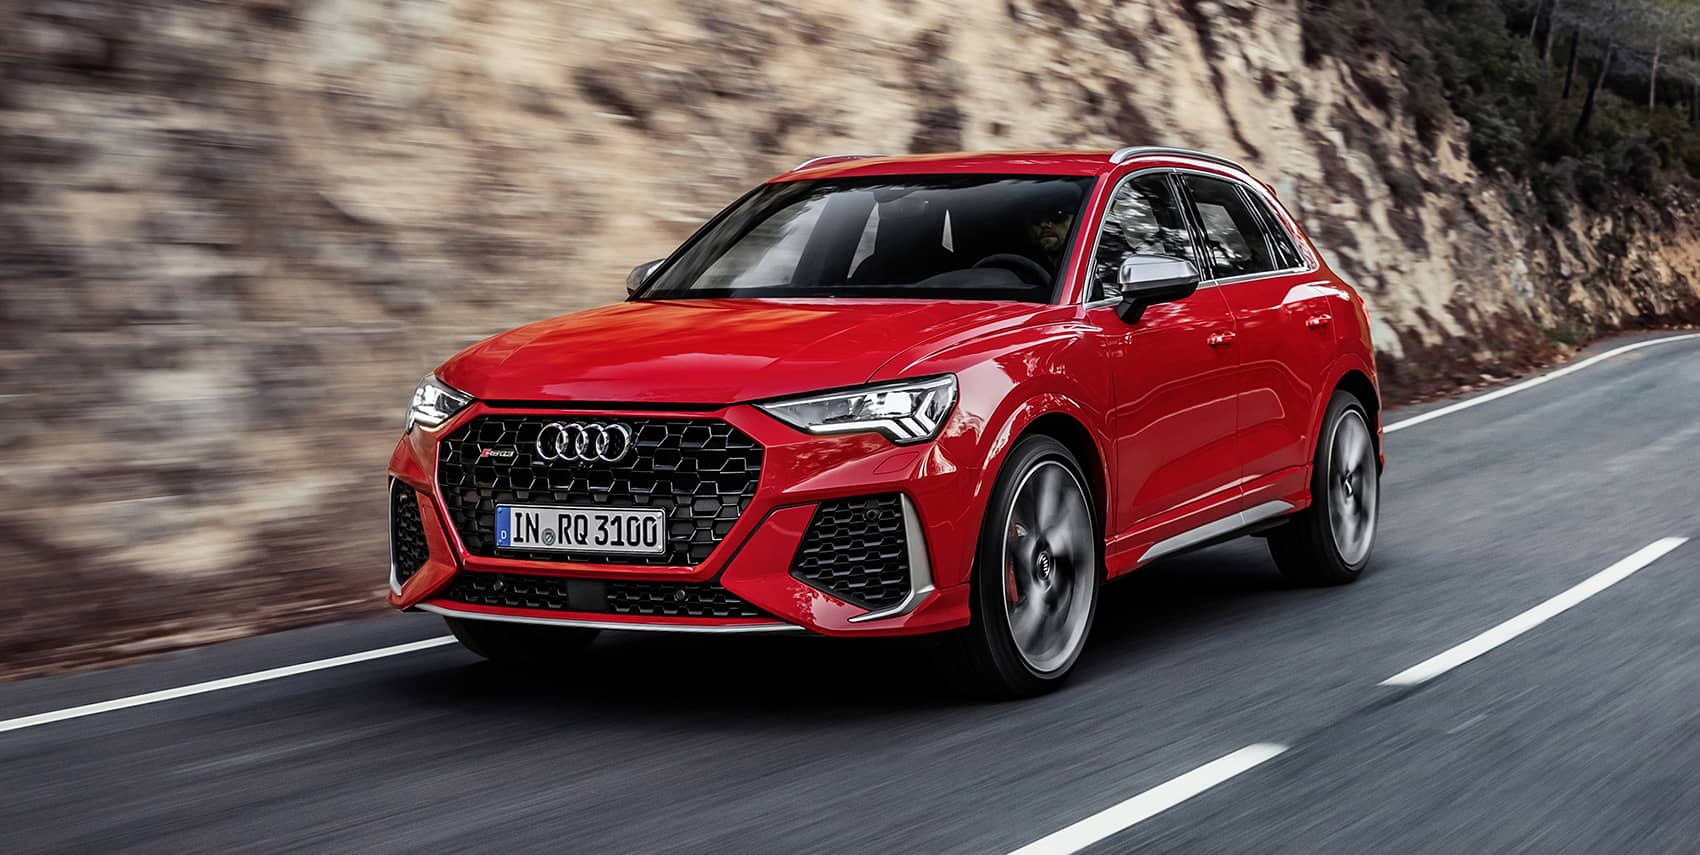 Precios Audi Rs Q3 2020 Descubre Las Ofertas Del Audi Rs Q3 Que Coche Me Compro